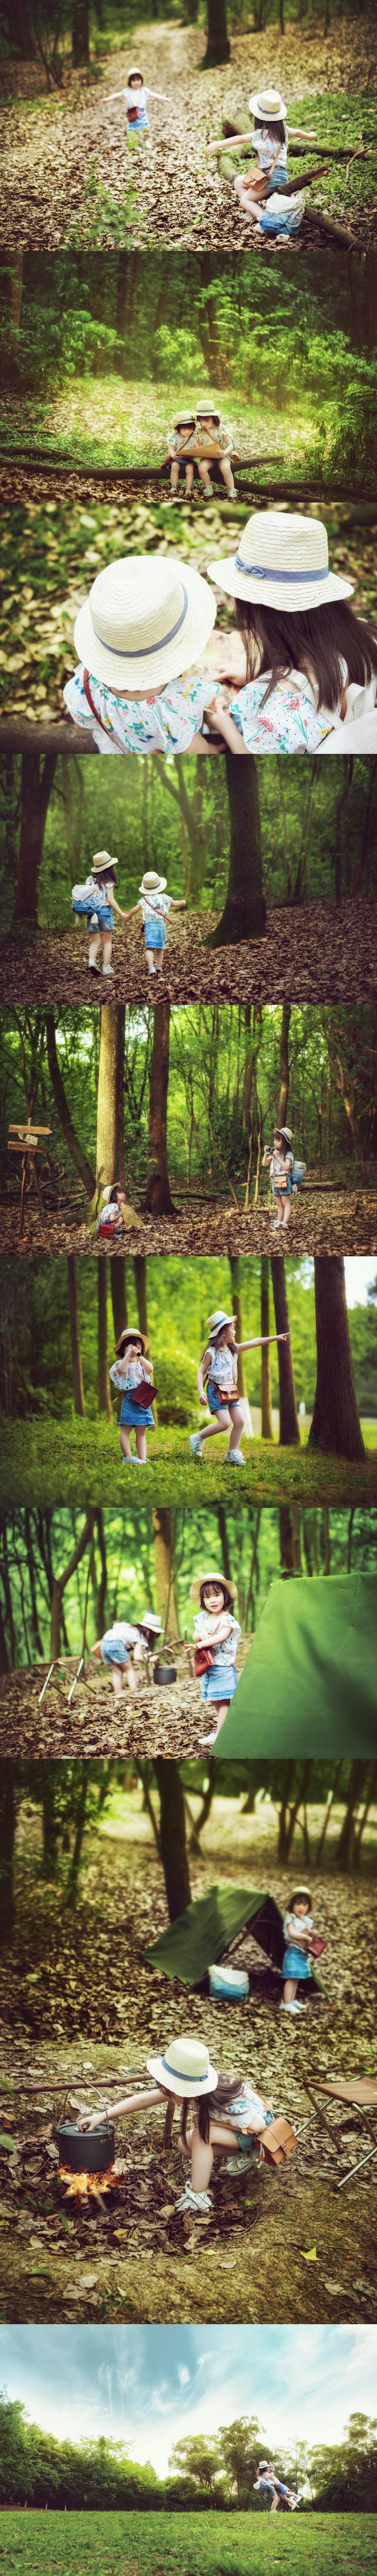 儿童创意摄影